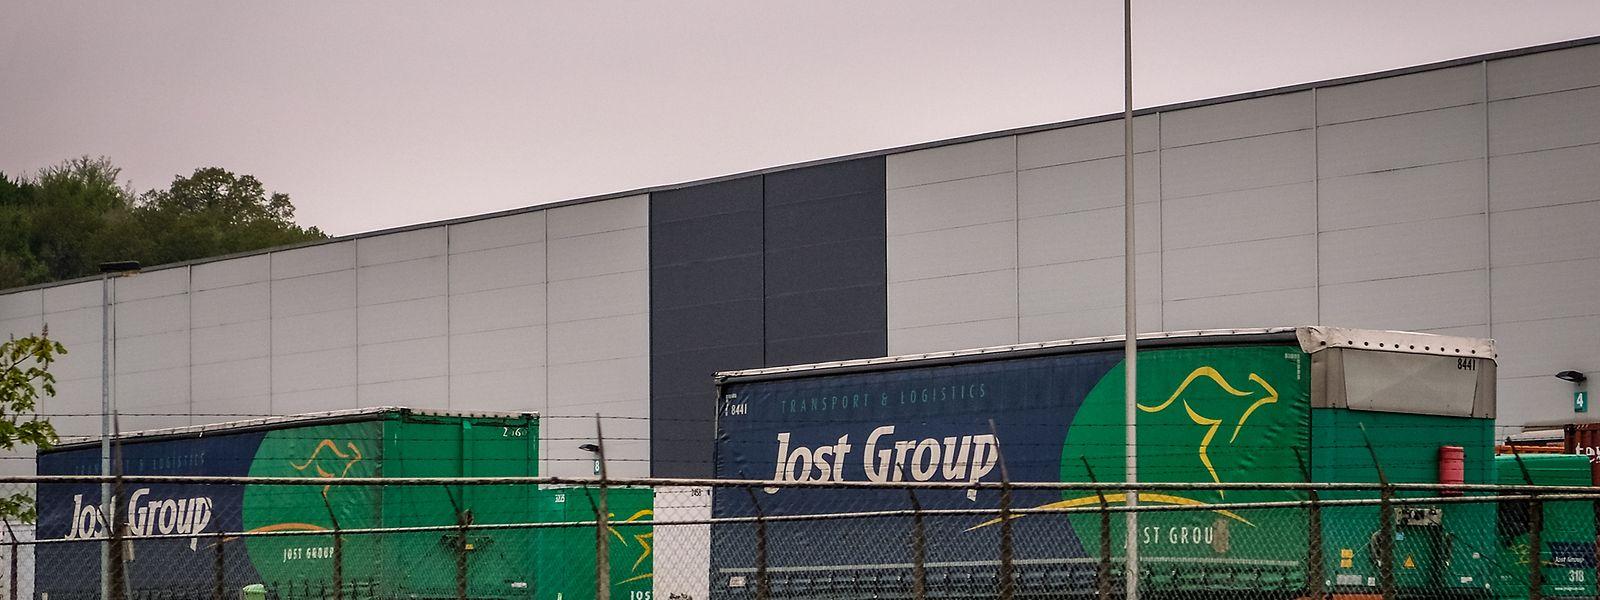 Les autorités belges et luxembourgeoises ont procédé à des perquisitions dans différentes entreprises du groupe Jost